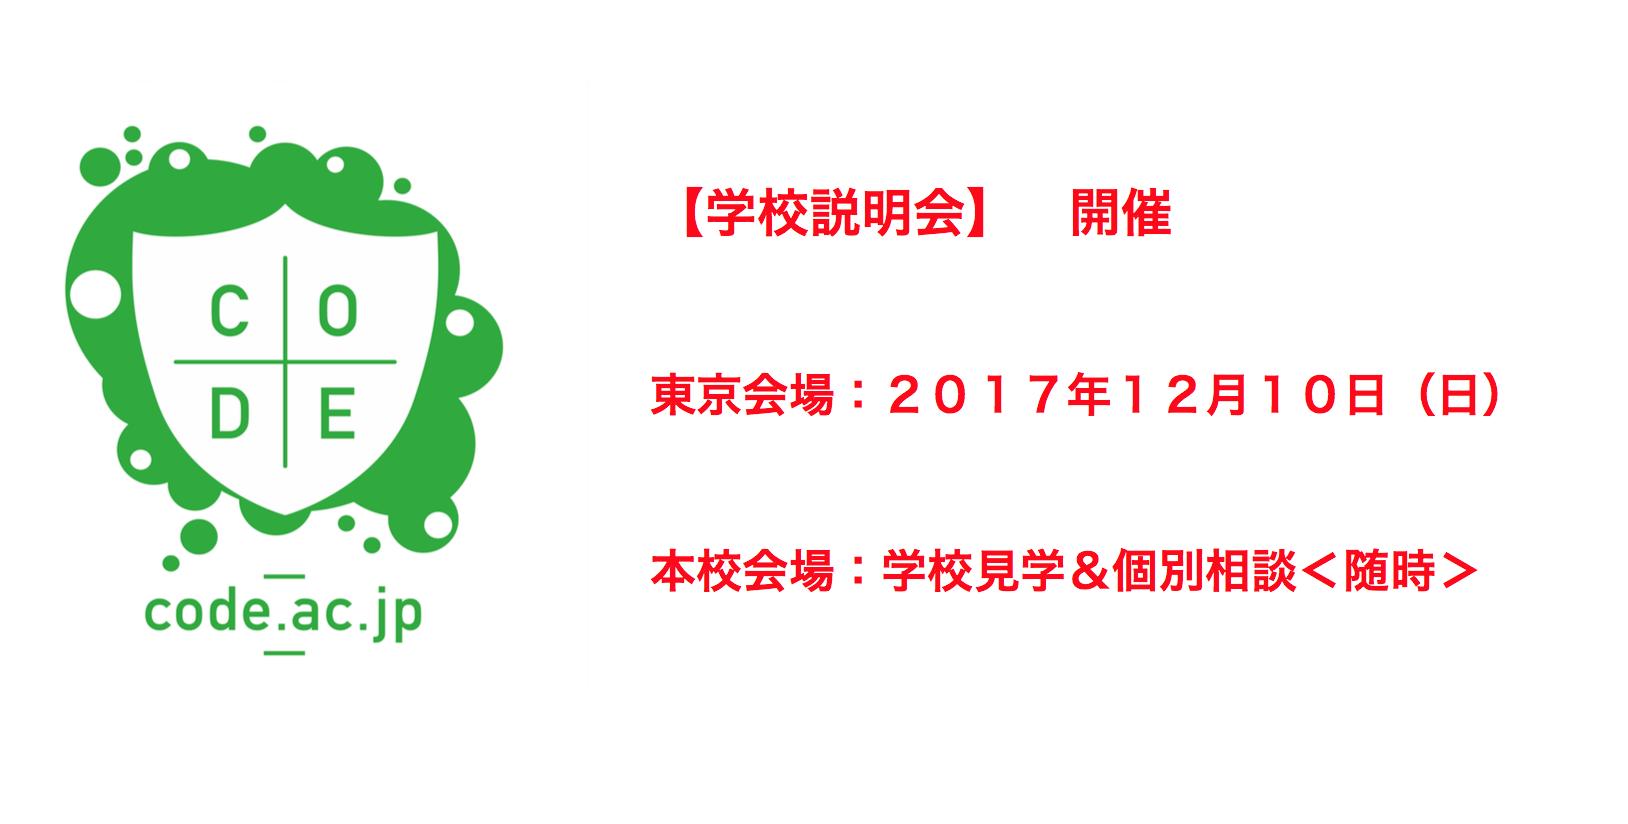 スクリーンショット 2017-11-20 14.13.26.png